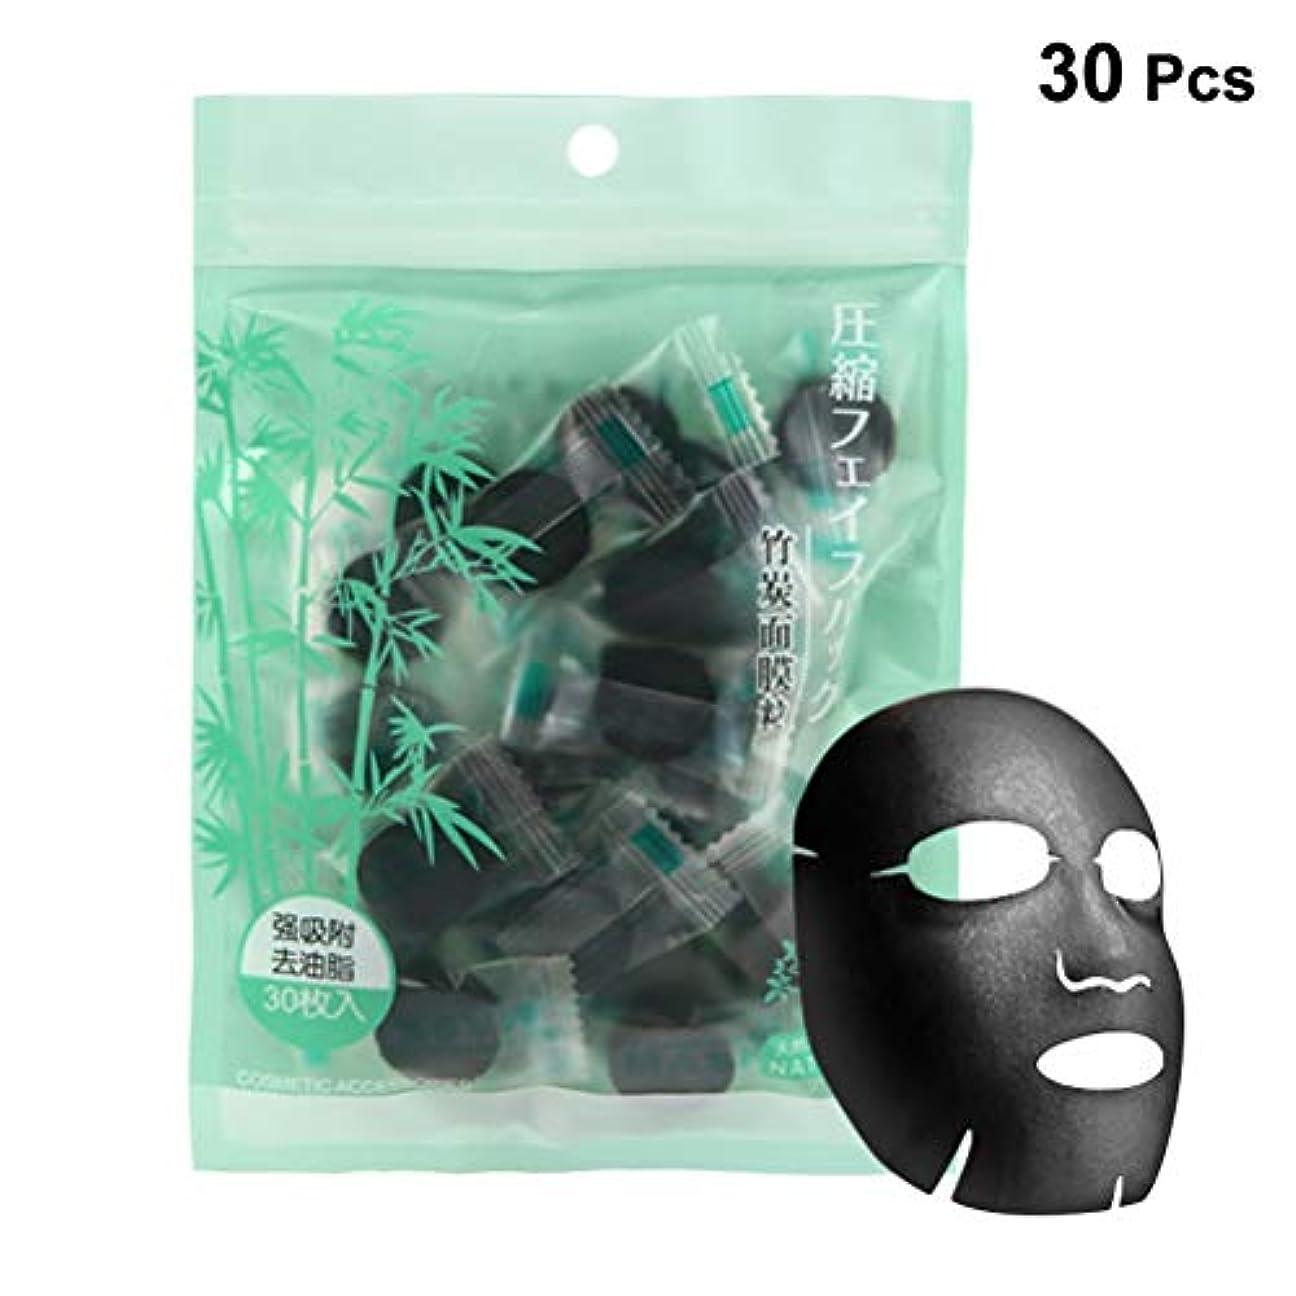 凶暴な事業遠征h 圧縮フェイスマスクブラック使い捨てスキンフェイスケアDIYフェイシャルマスク30ピース